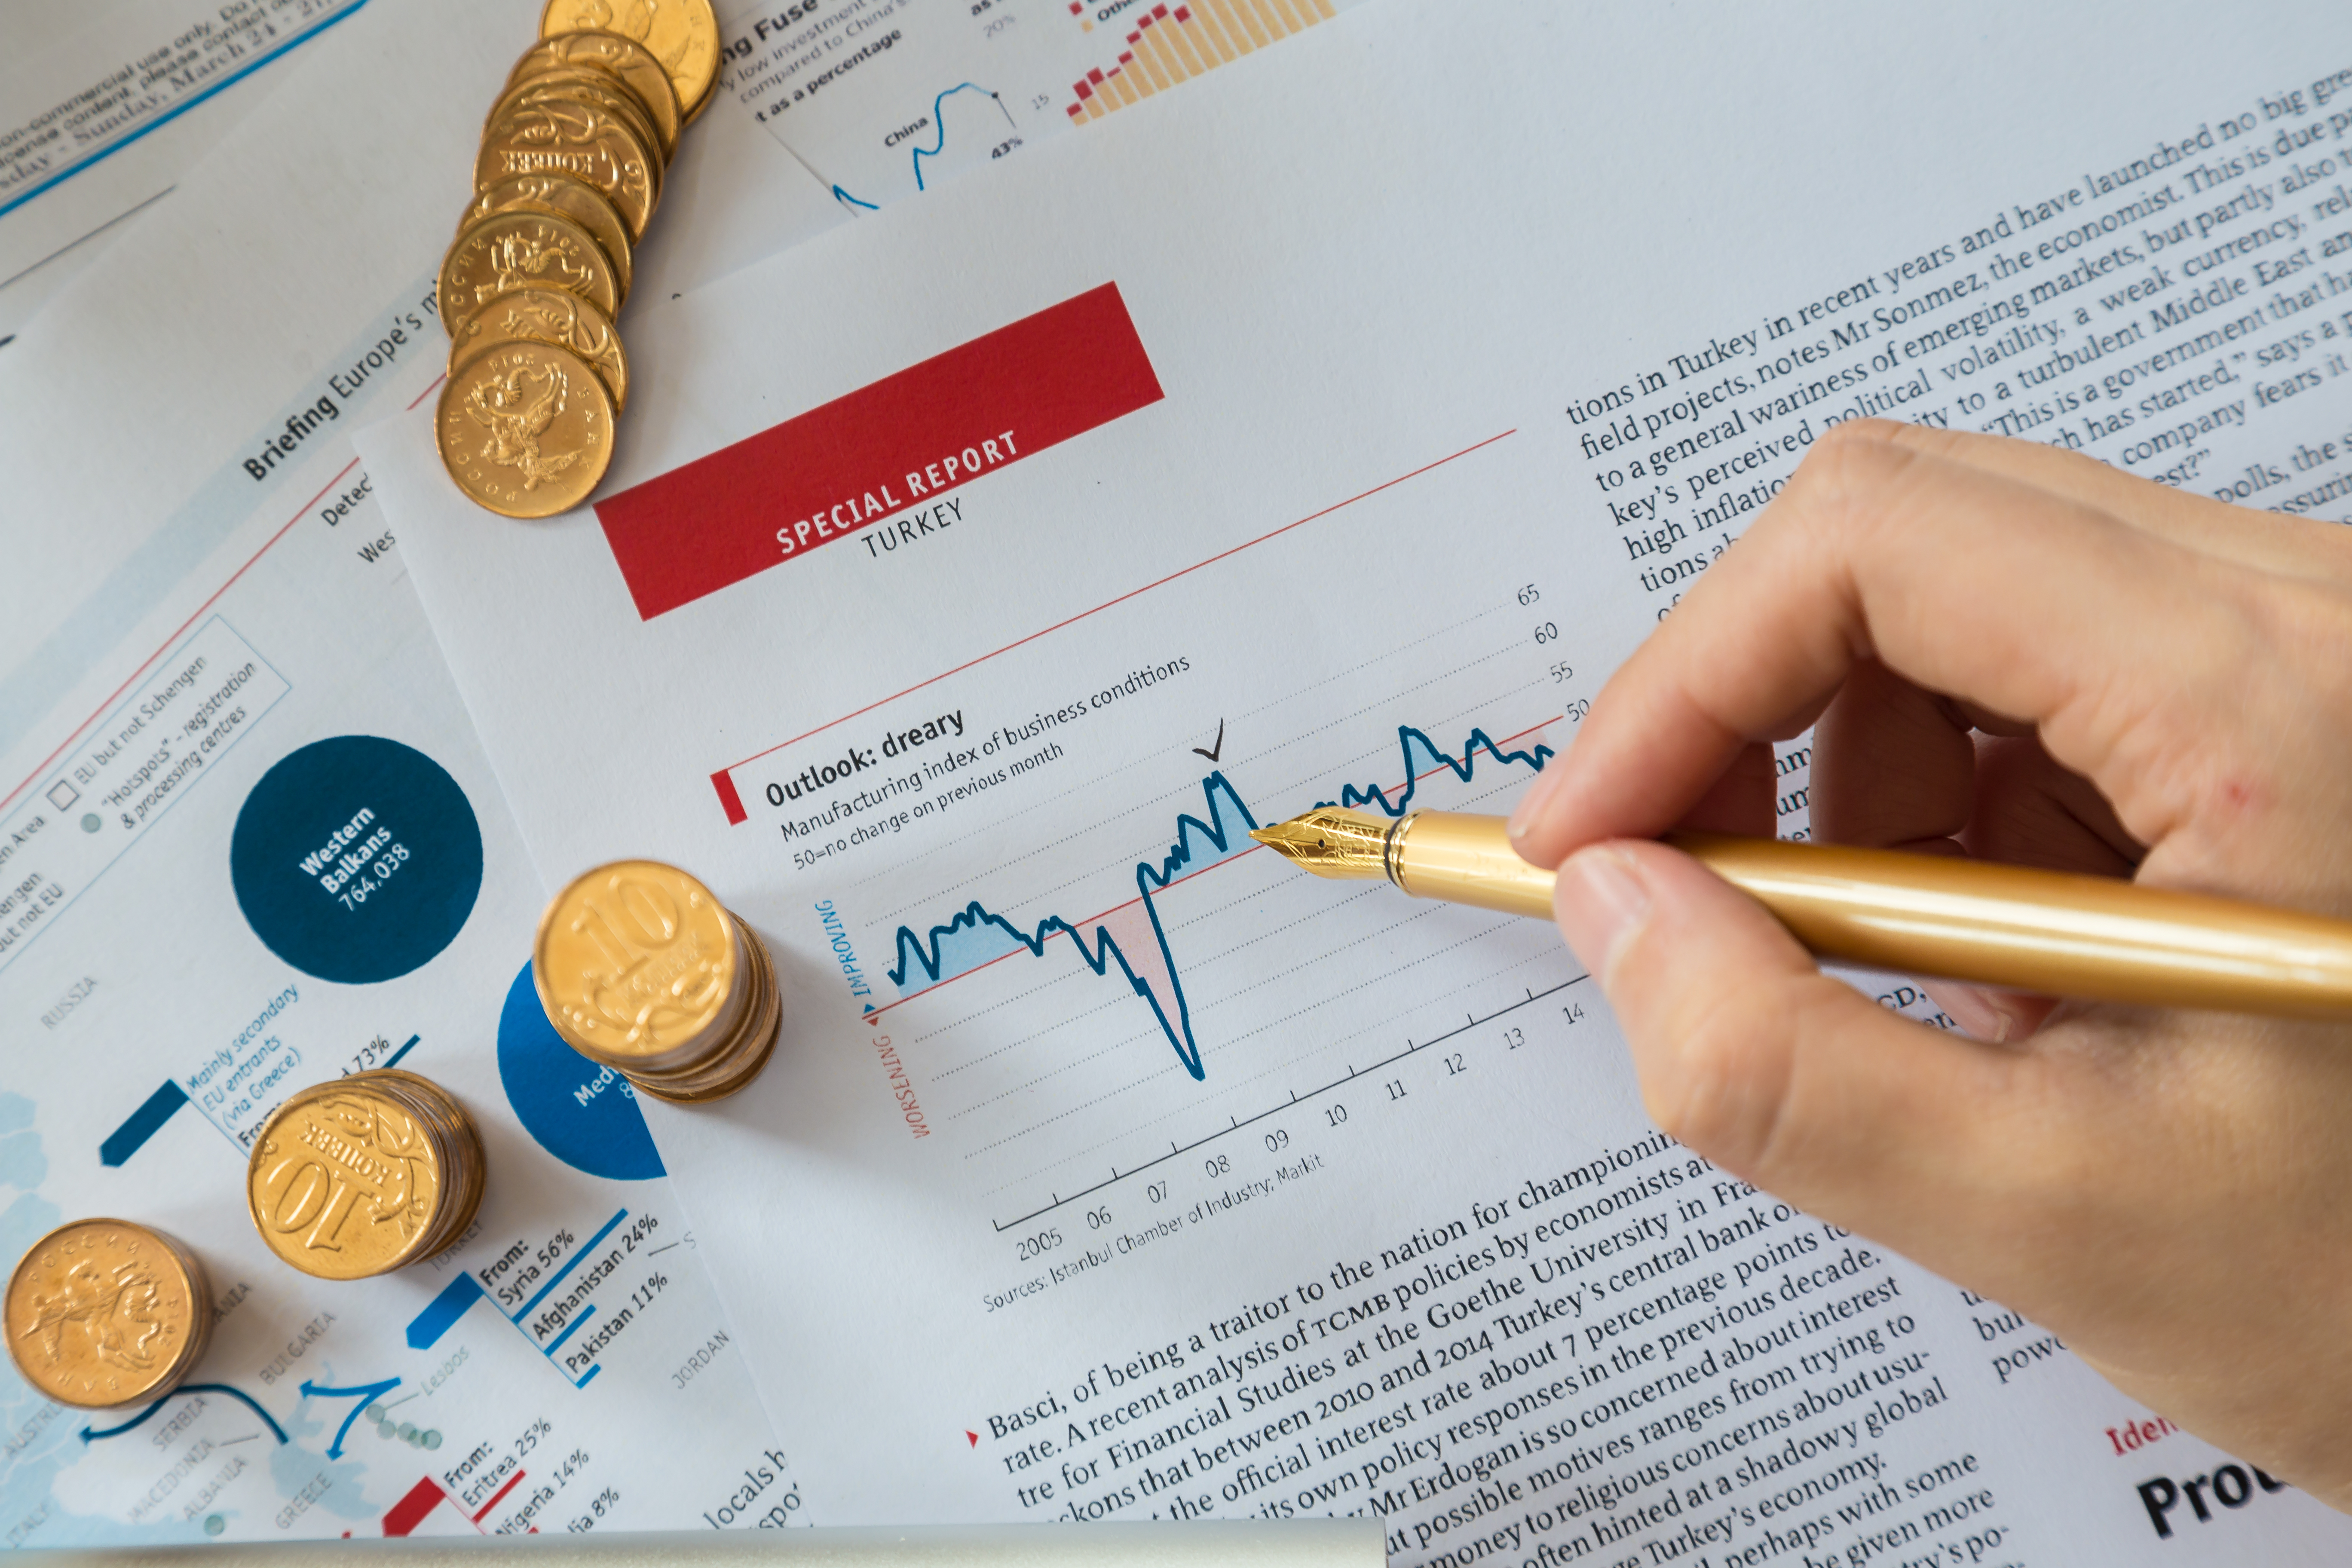 英國數字銀行OakNorth獲愿景基金領投4.4億美元融資,估值達28億美元_技術